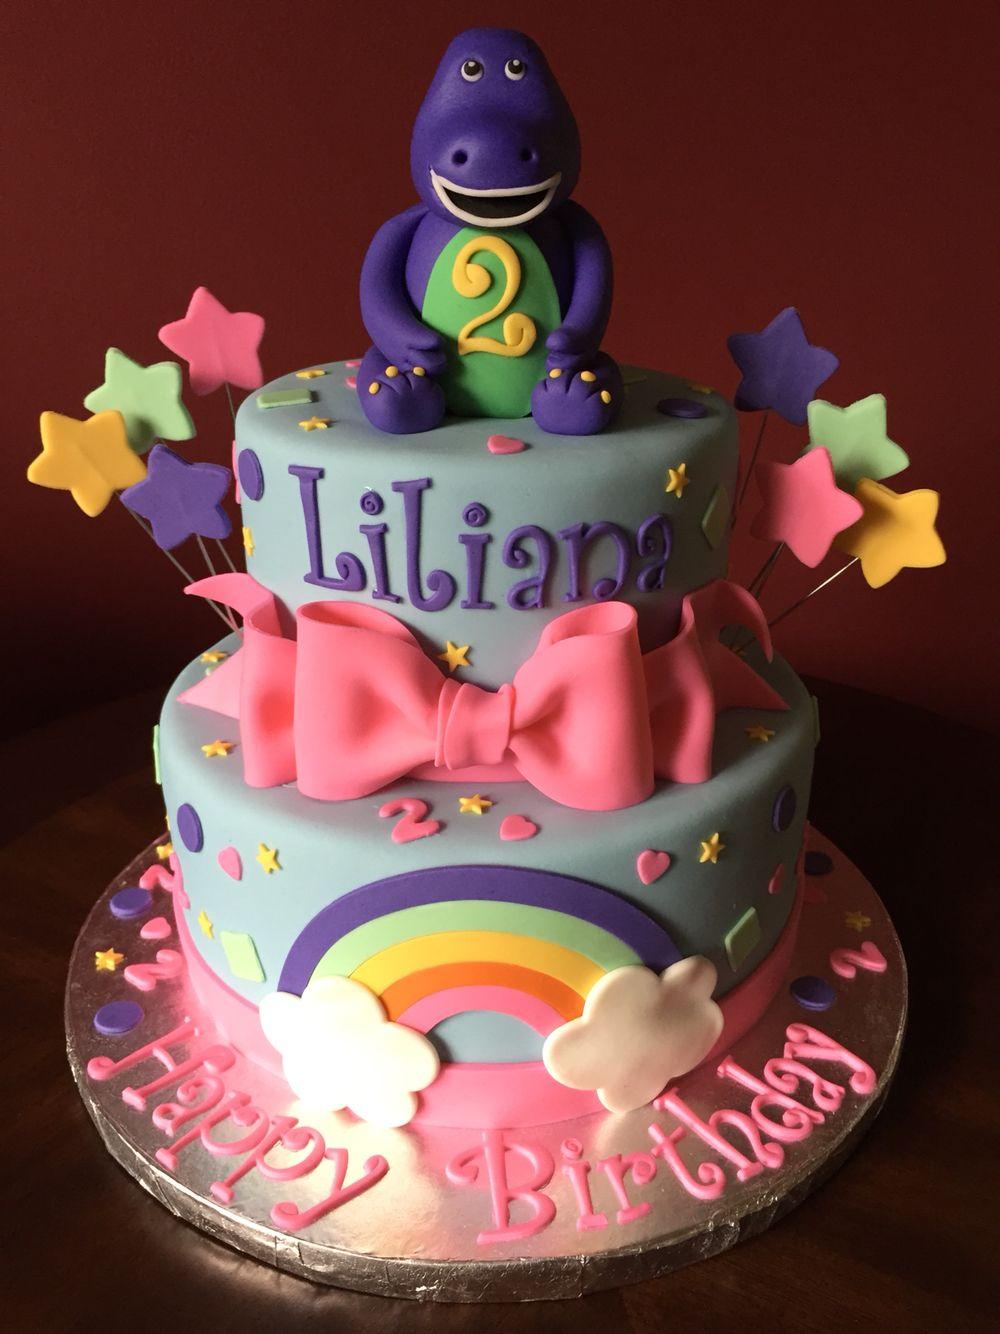 Barney Birthday Cake Birthday Cakes Pinterest Barney